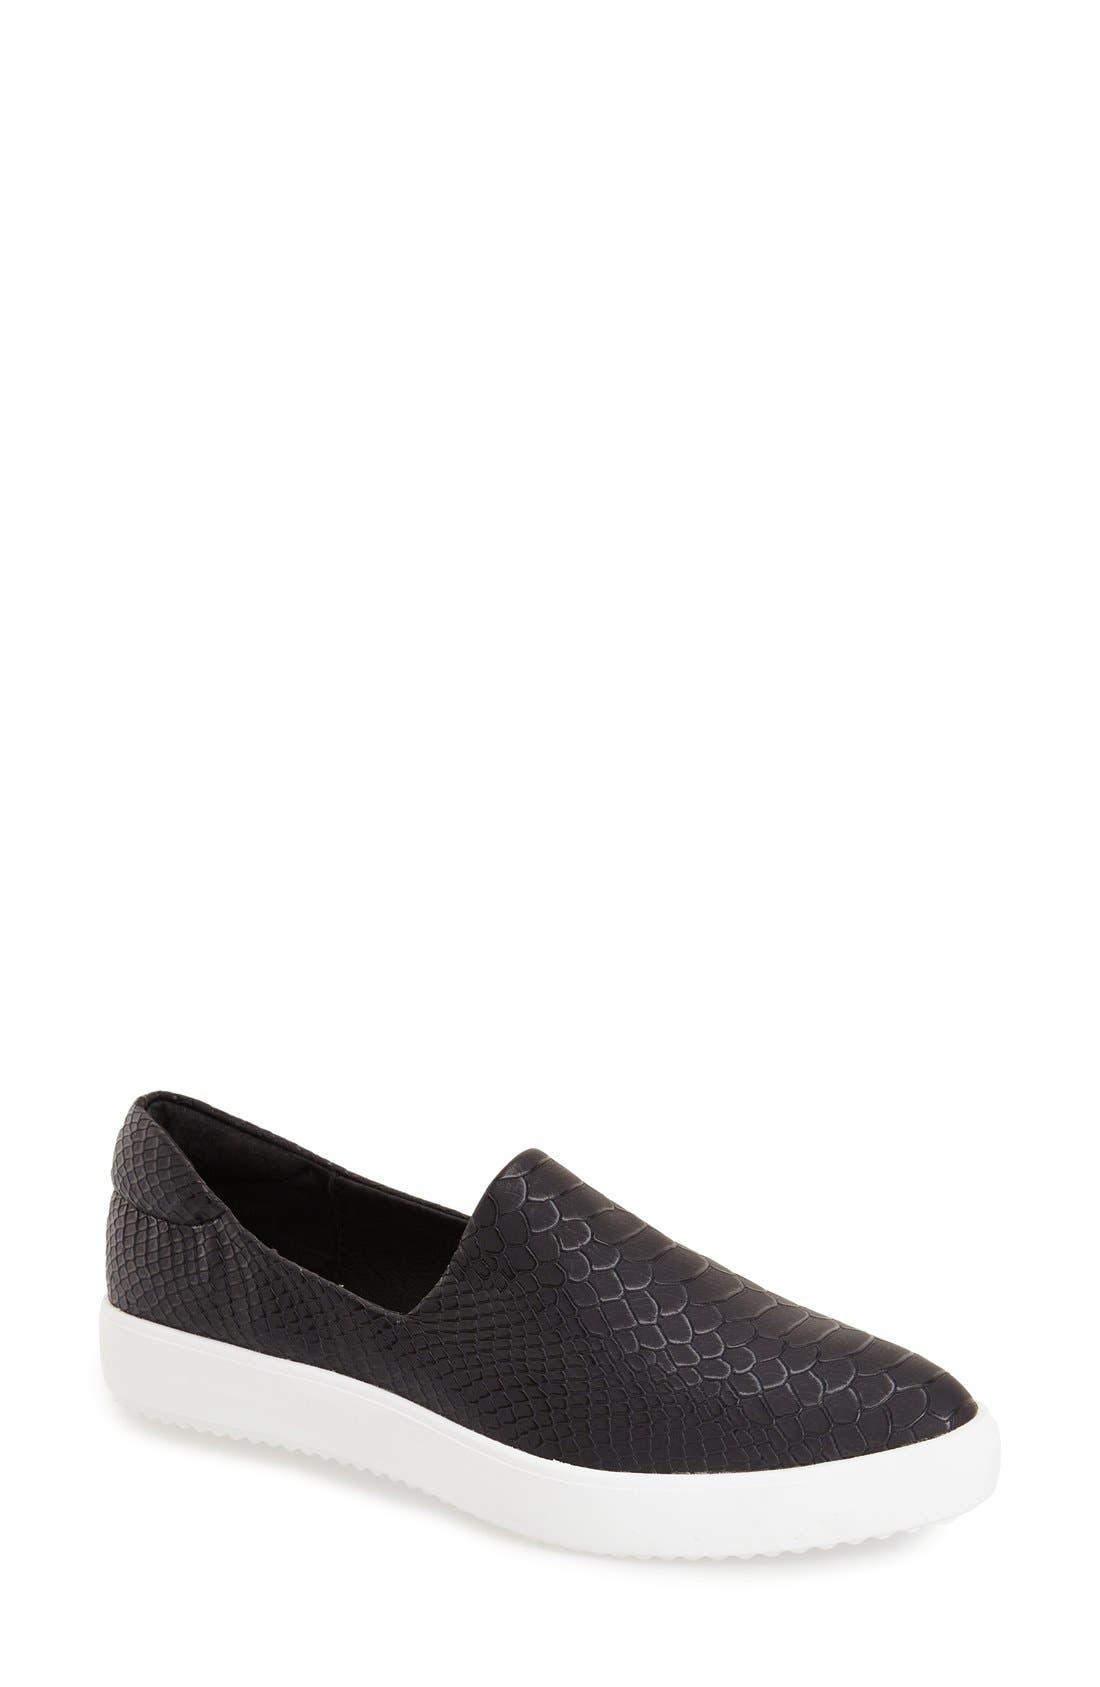 JSLIDES Jibbie' Slip-On Platform Sneaker (Women)